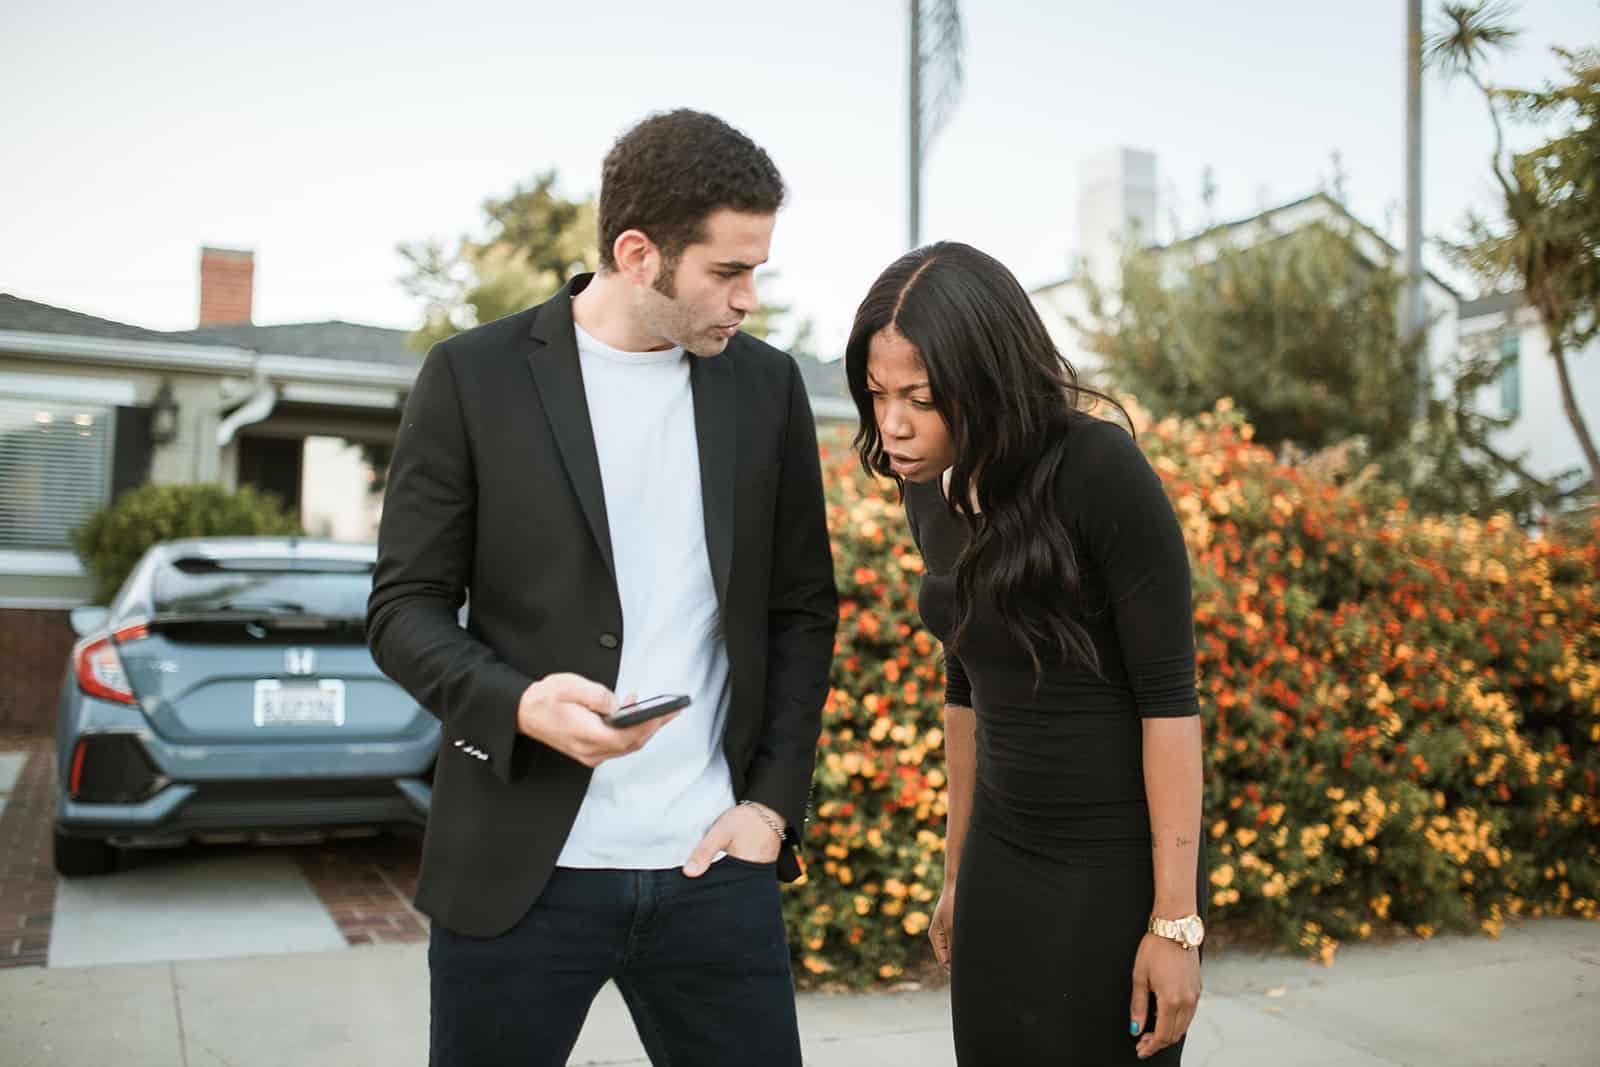 eine eifersüchtige Frau, die auf das Telefon ihres Freundes schaut, während sie zusammen auf der Straße steht